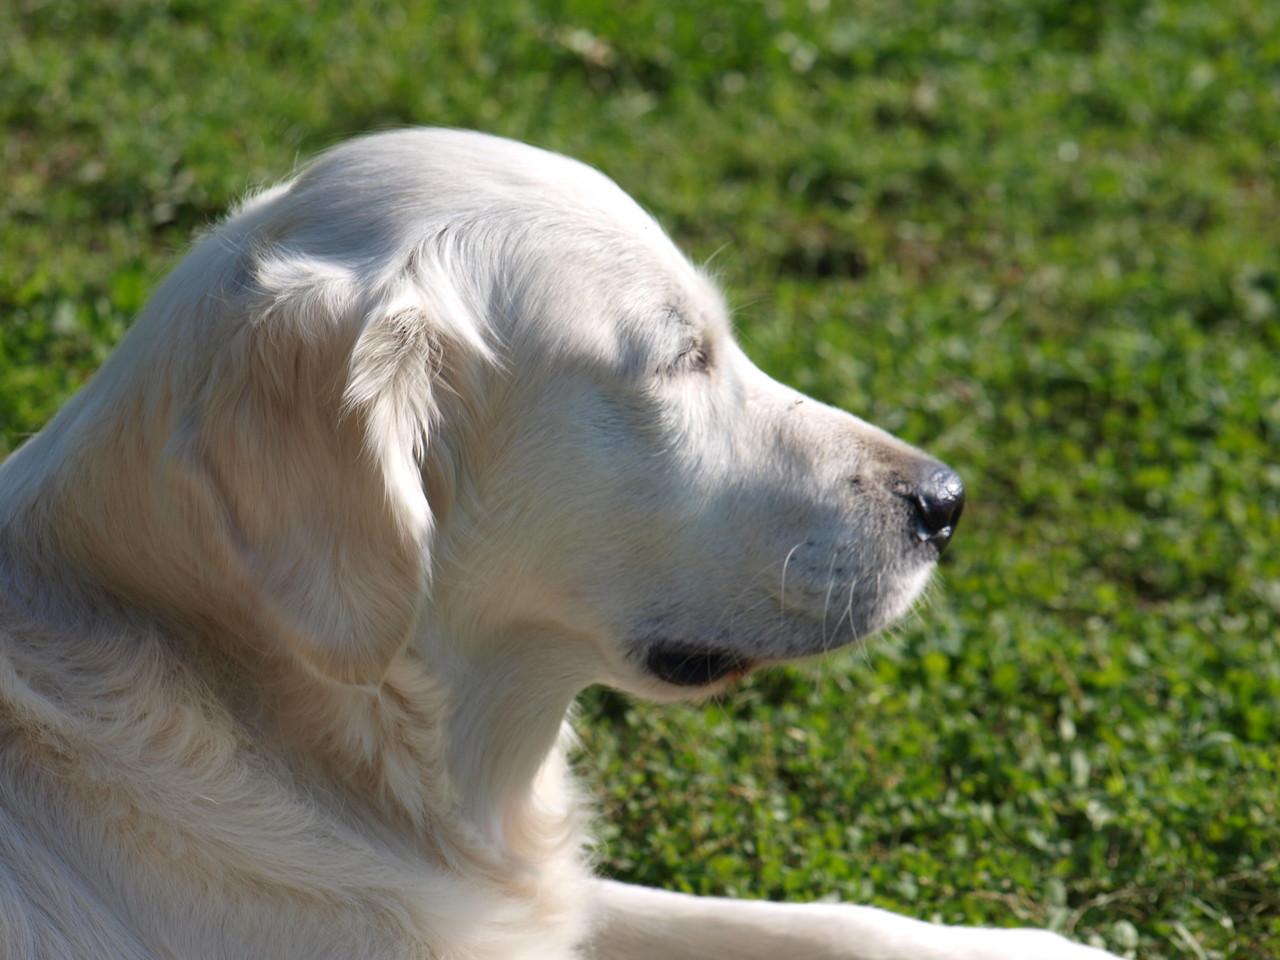 Lotta genießt die Sonne